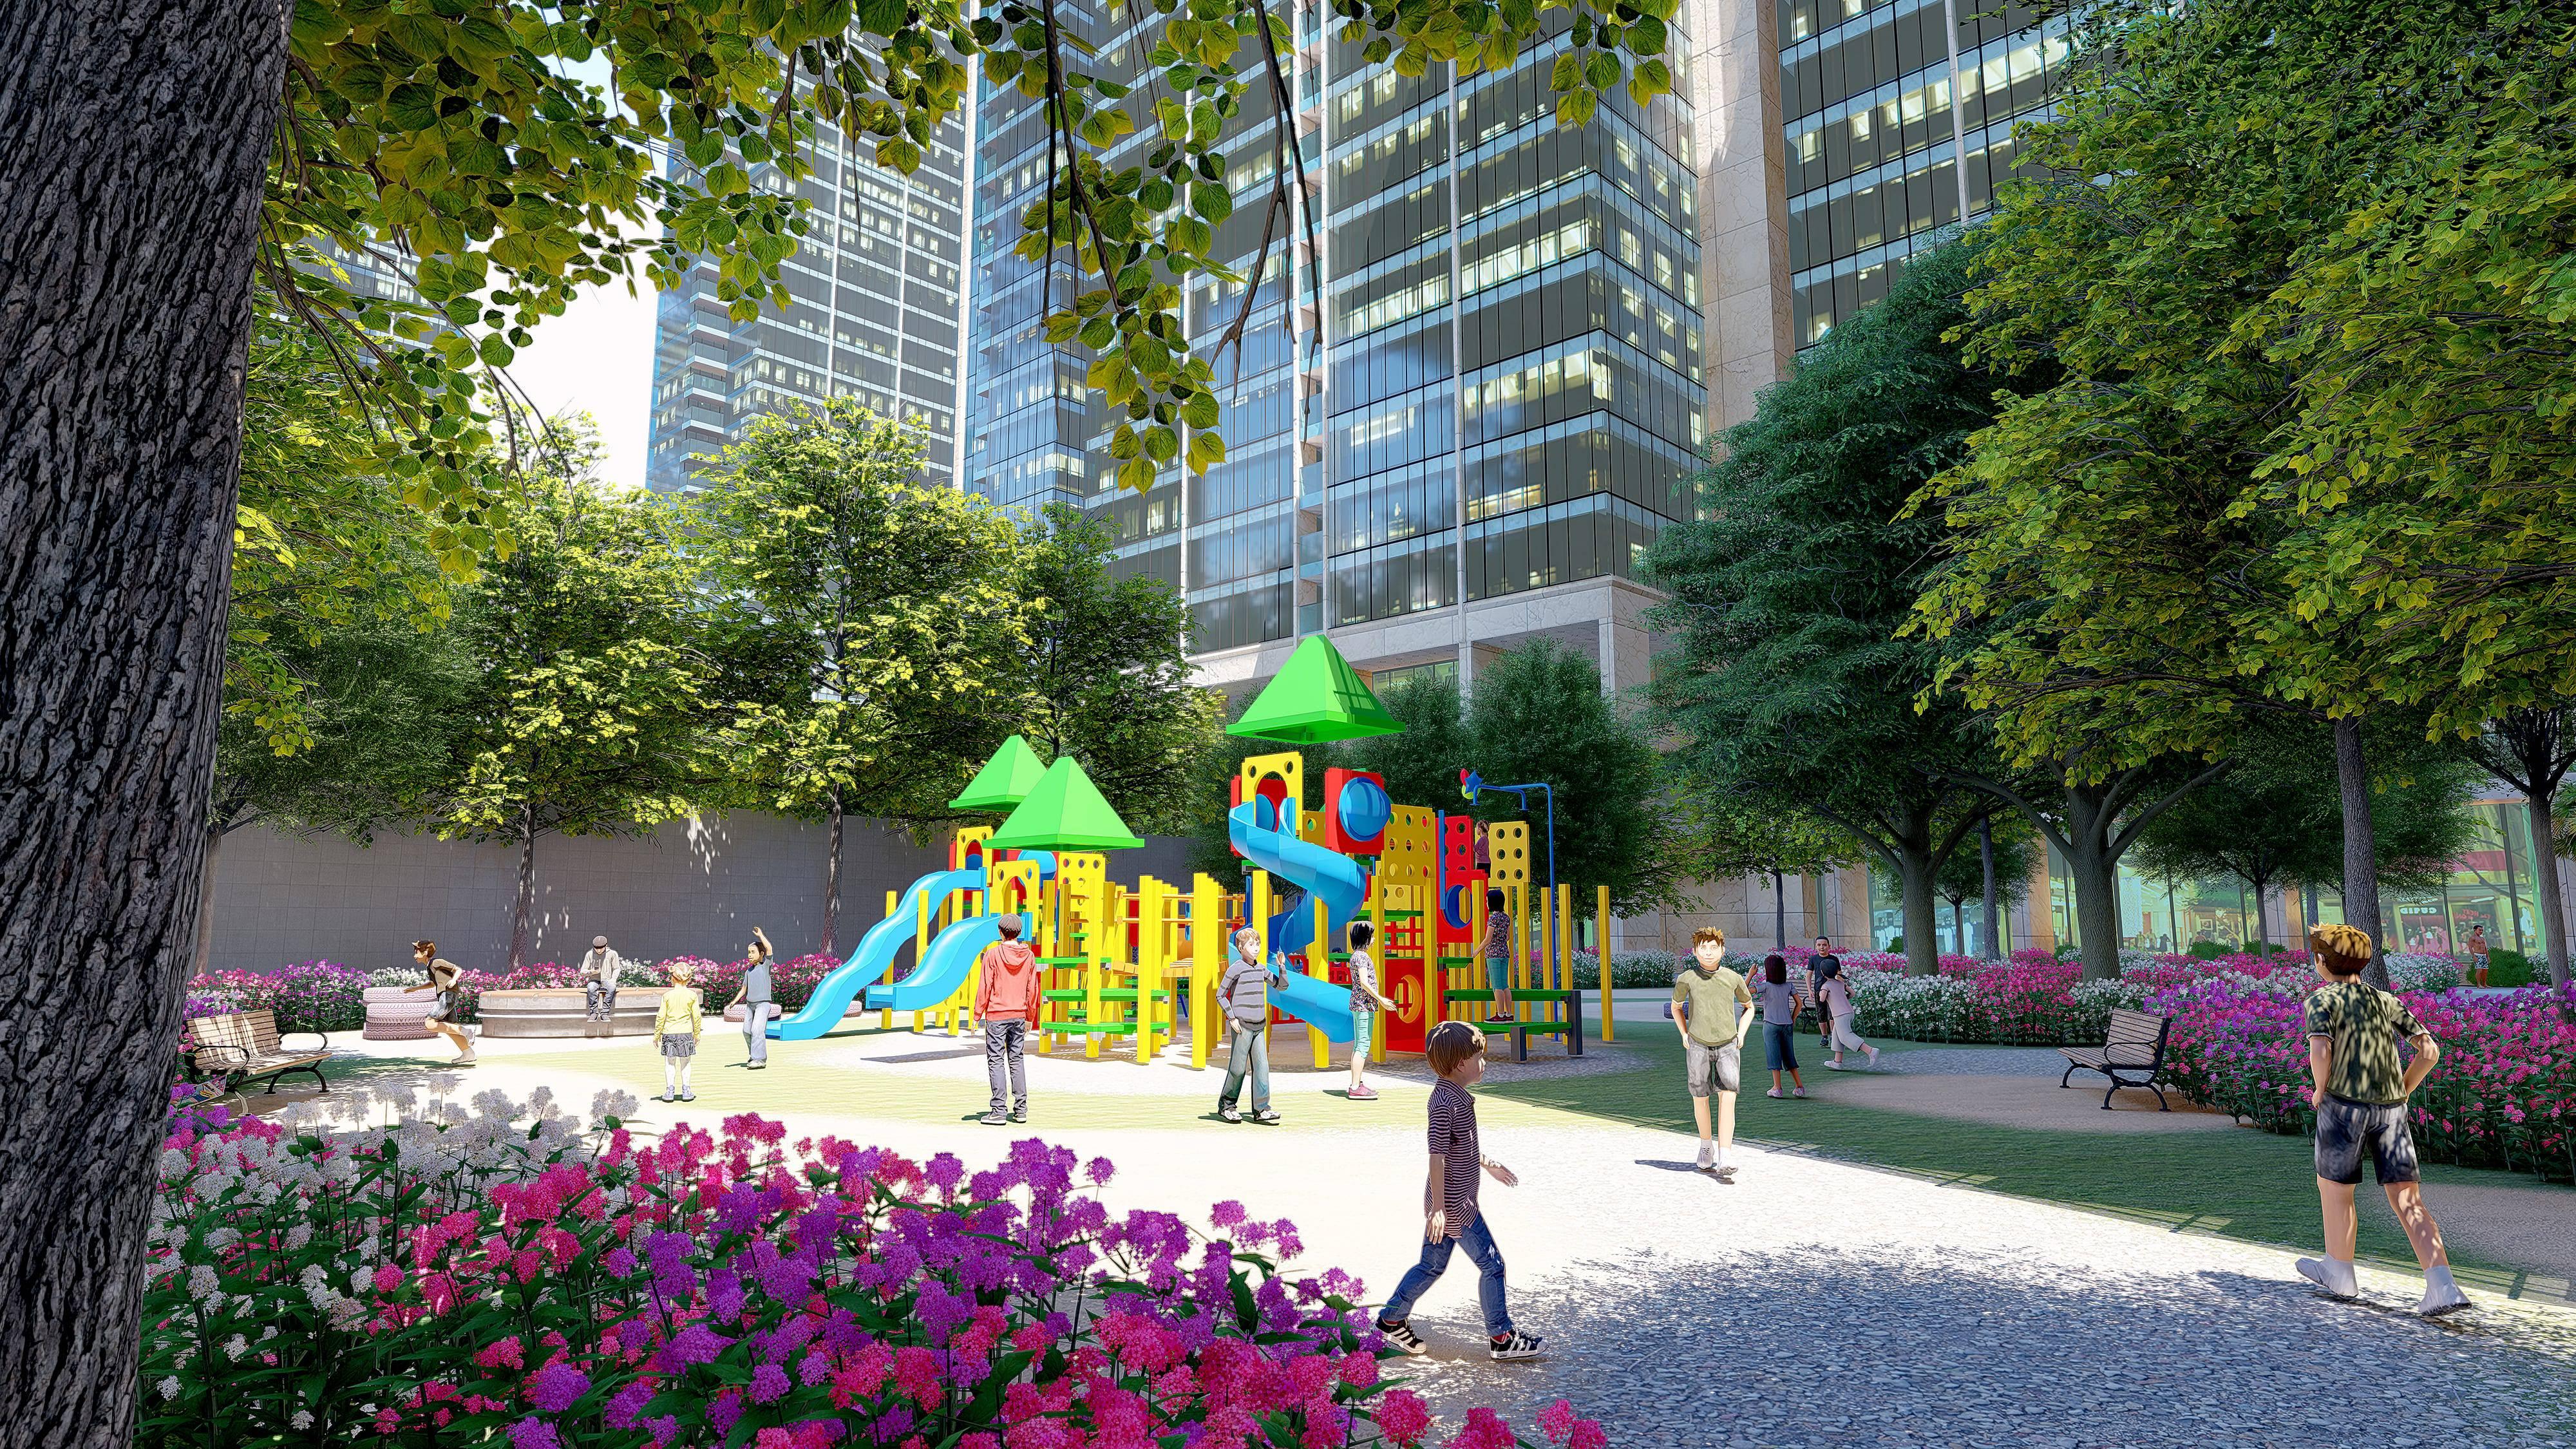 Tốc độ phát triển của quận 7 mang đến giá trị gì cho Sunshine City Saigon